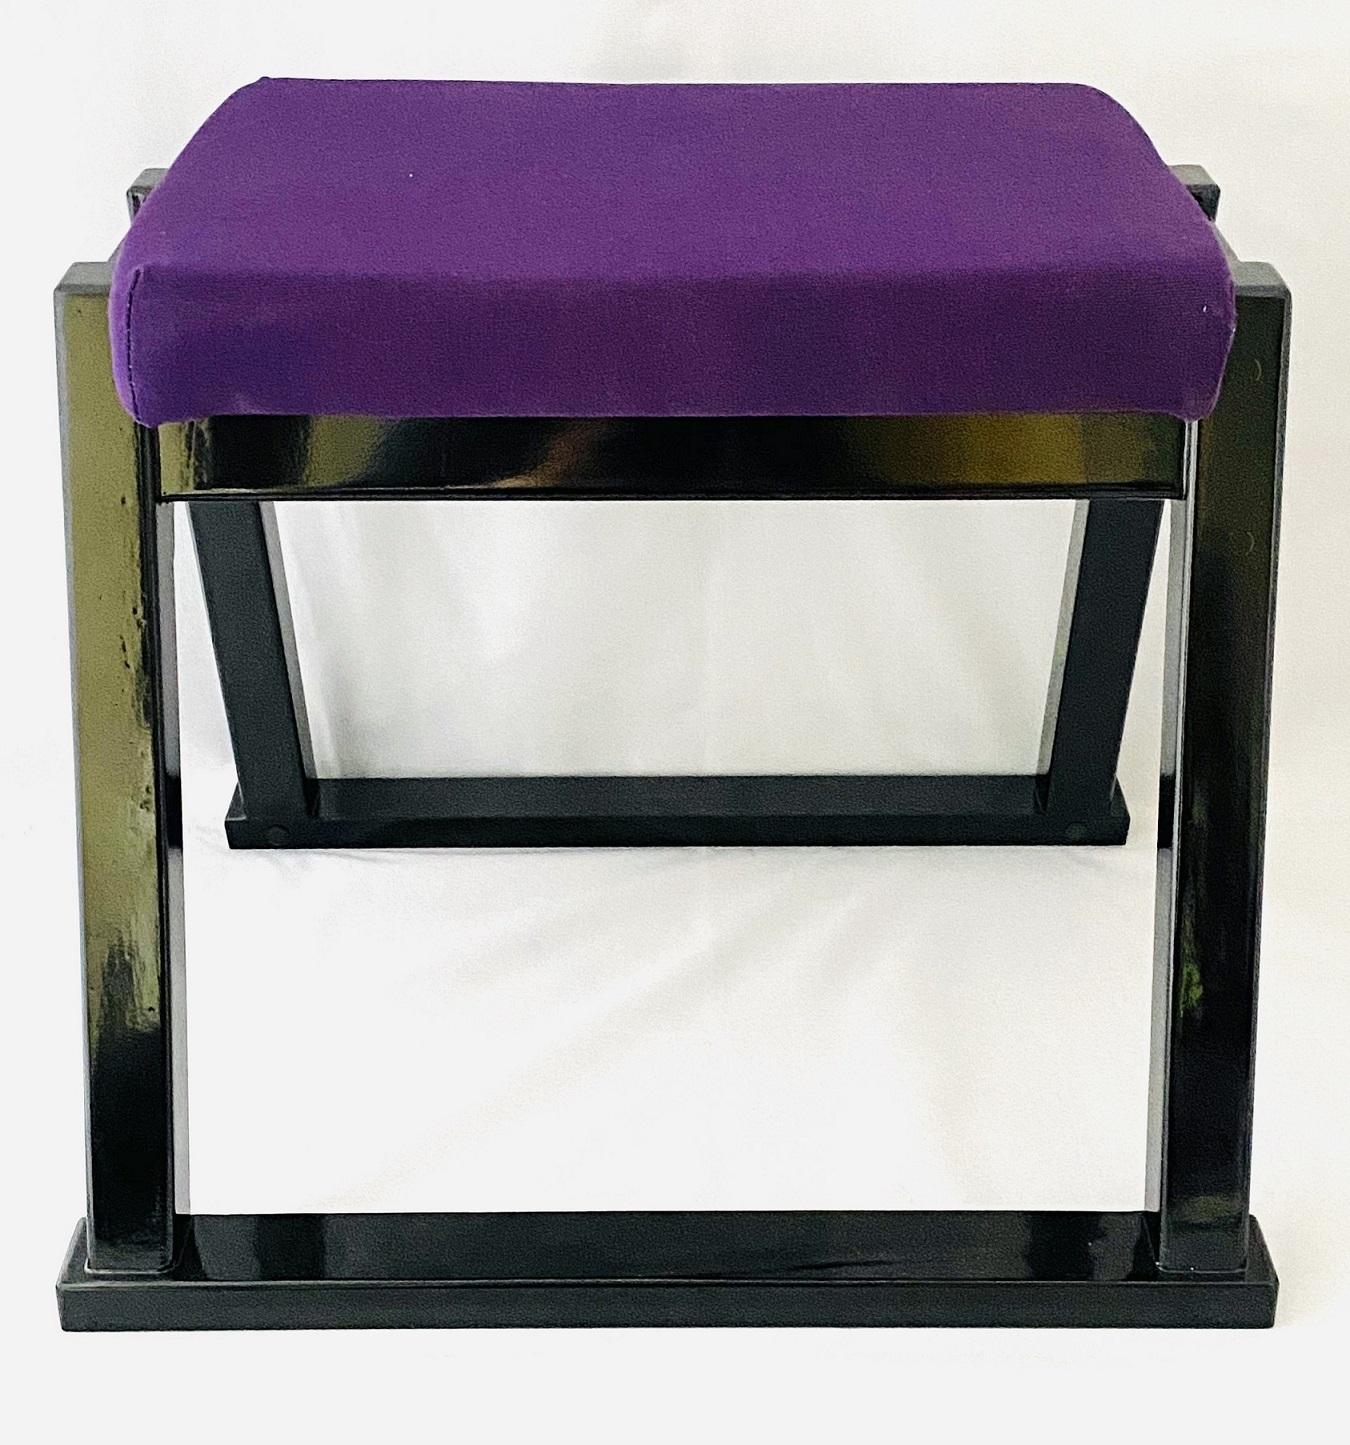 【 座敷用椅子 】 本堂用椅子高さ41cm座面紫布